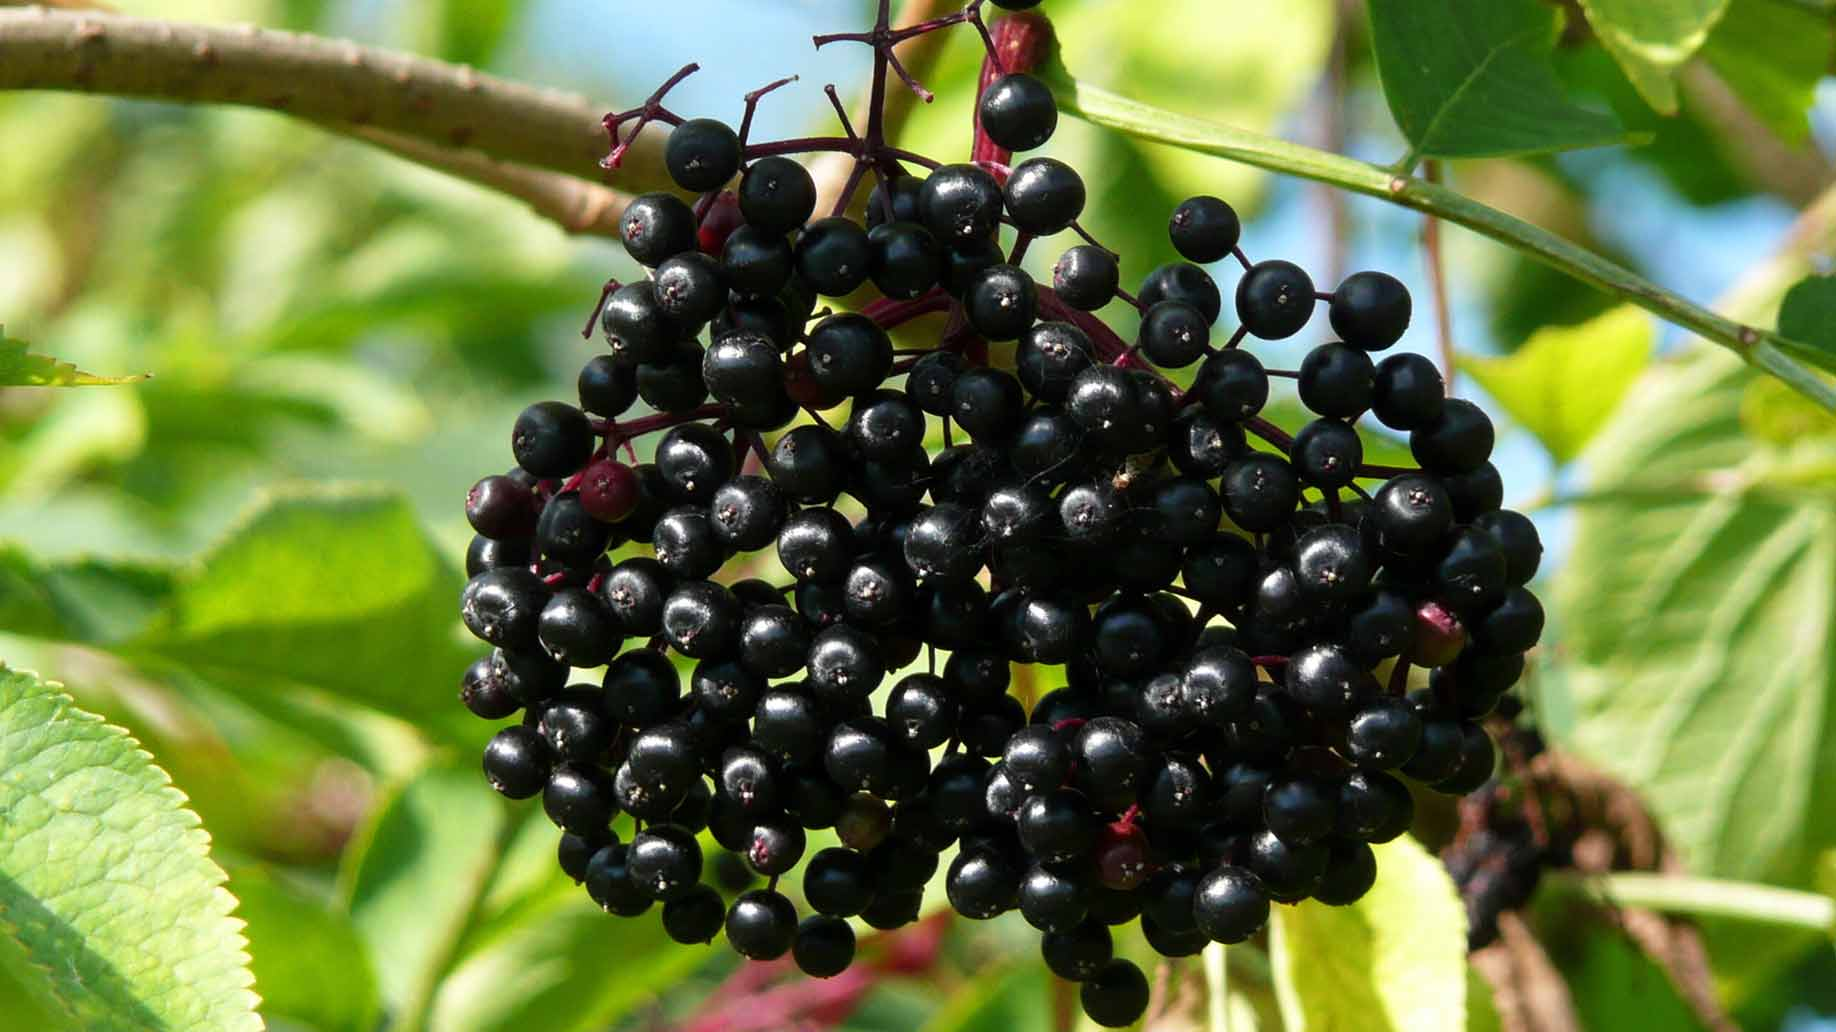 elderberry tree with fresh leaves and blackberries